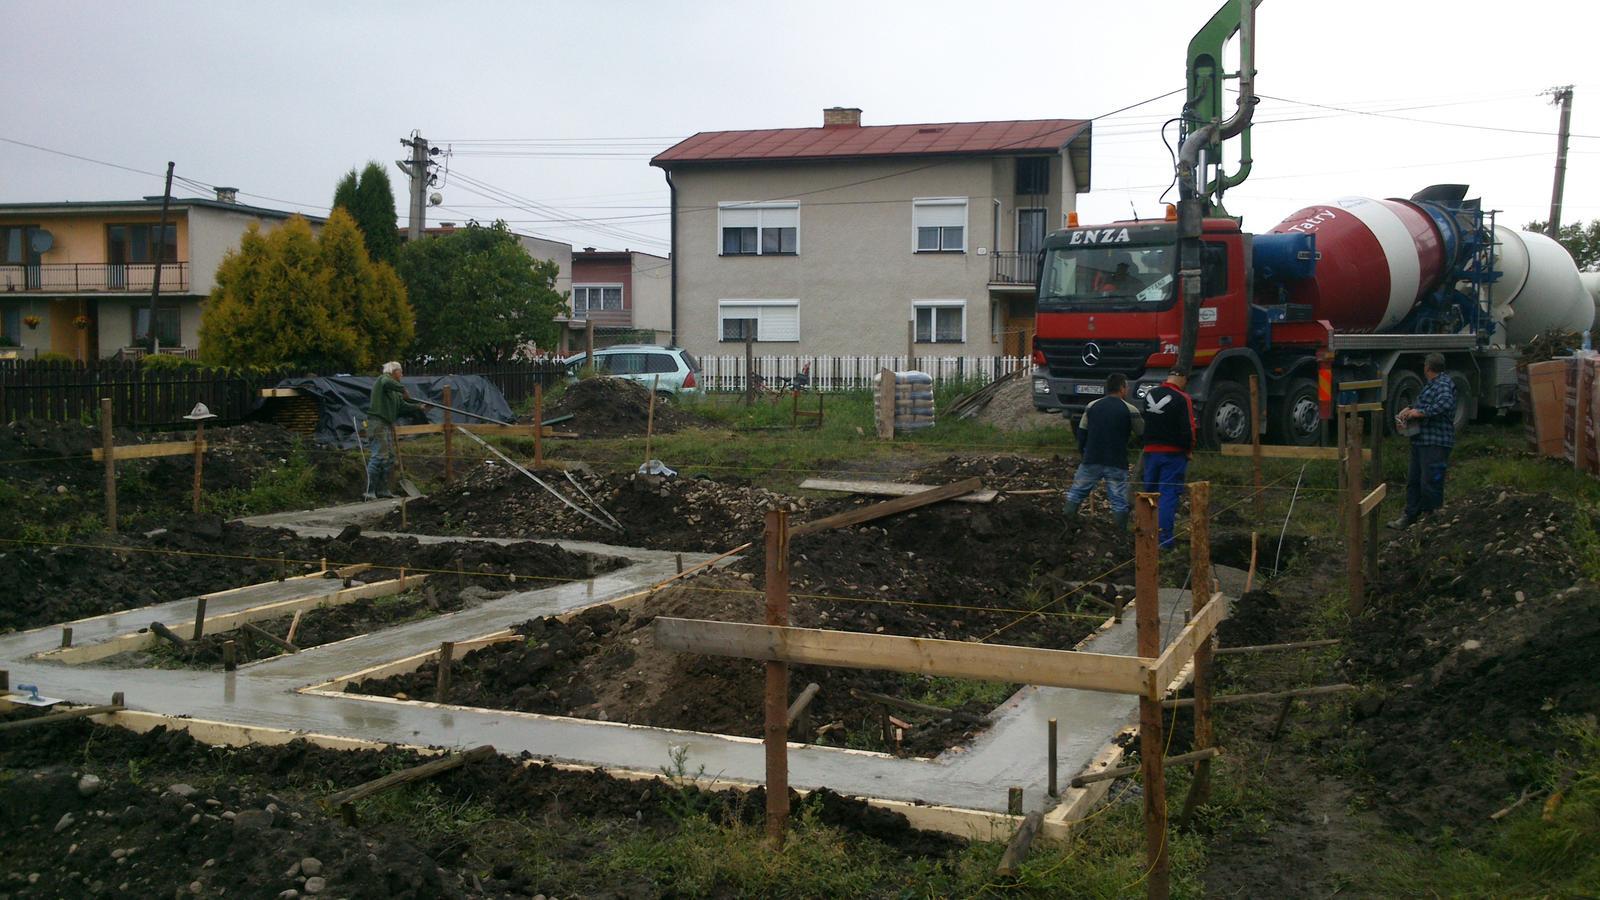 Sen, ktorý sa volá náš domček - Betónovanie základových pásov.